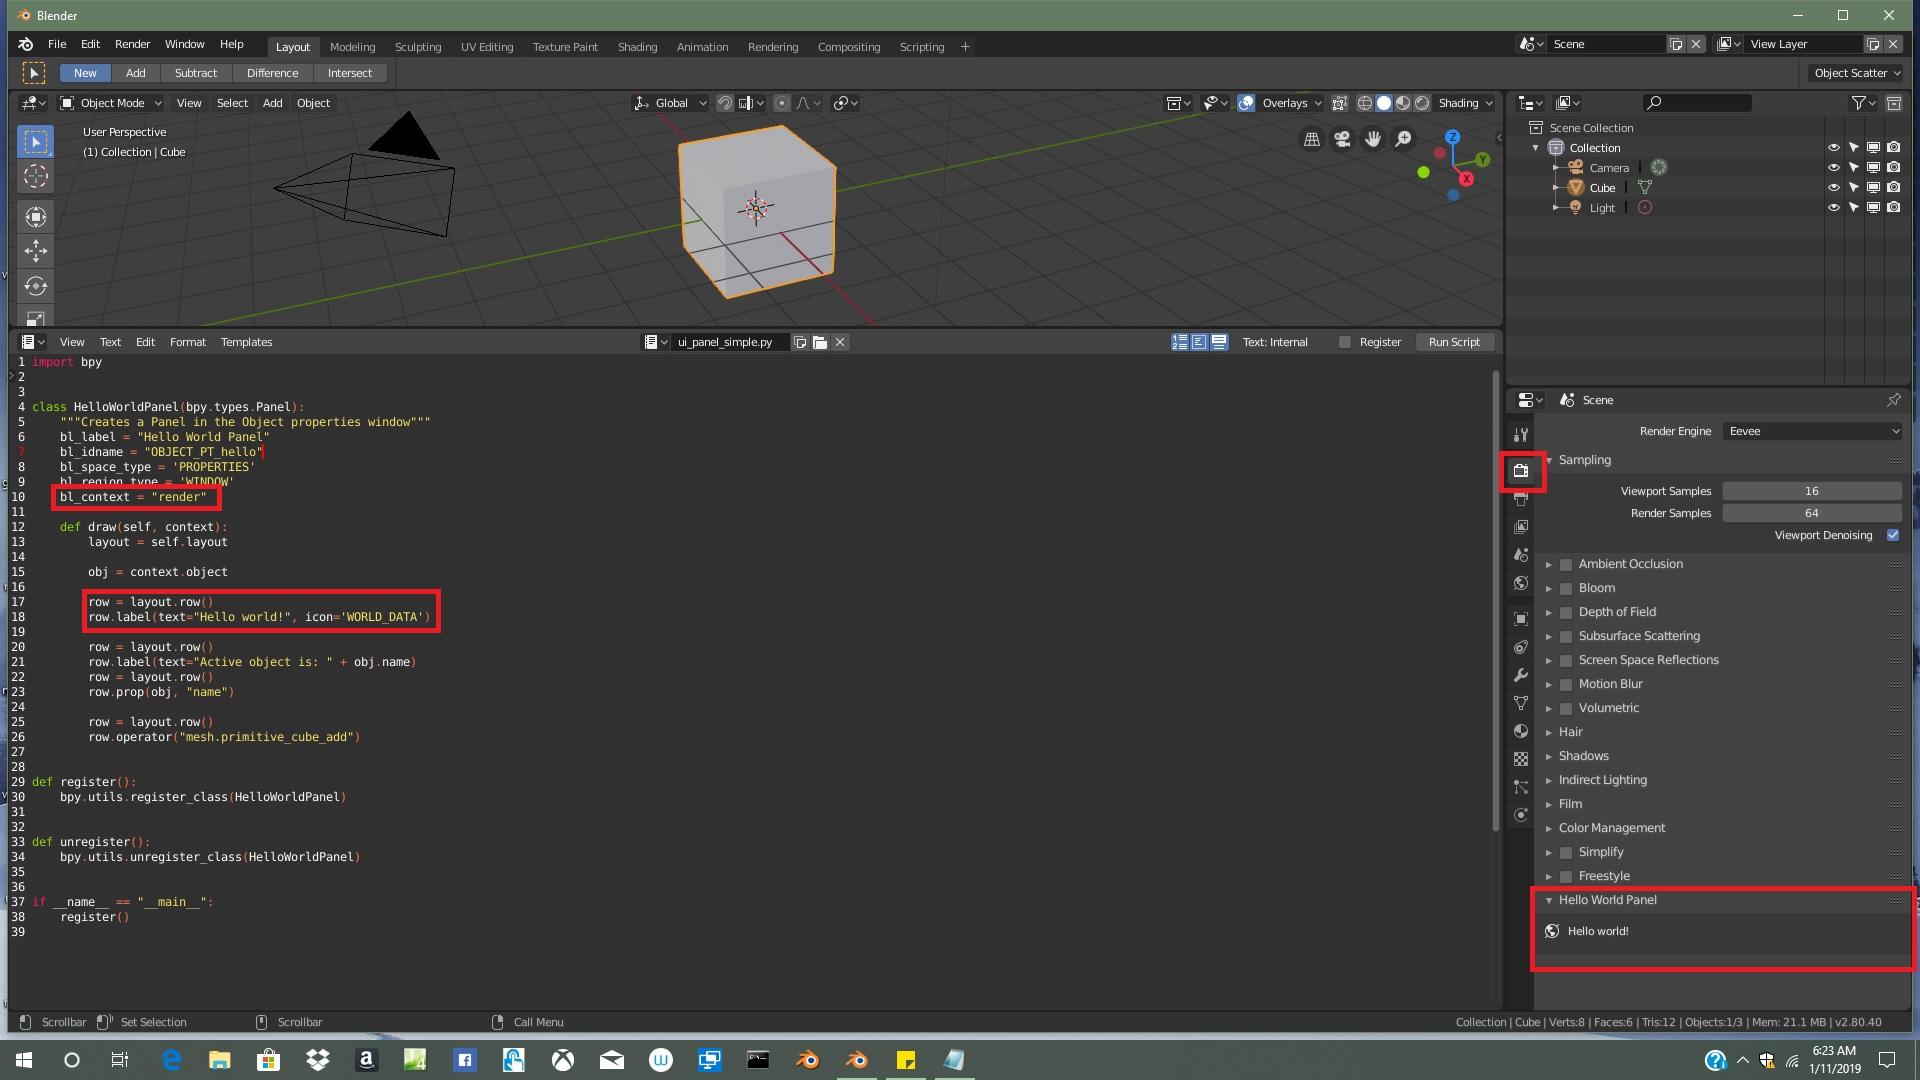 Blender 2 8 - Panel Location - Python - Blender Developer Talk